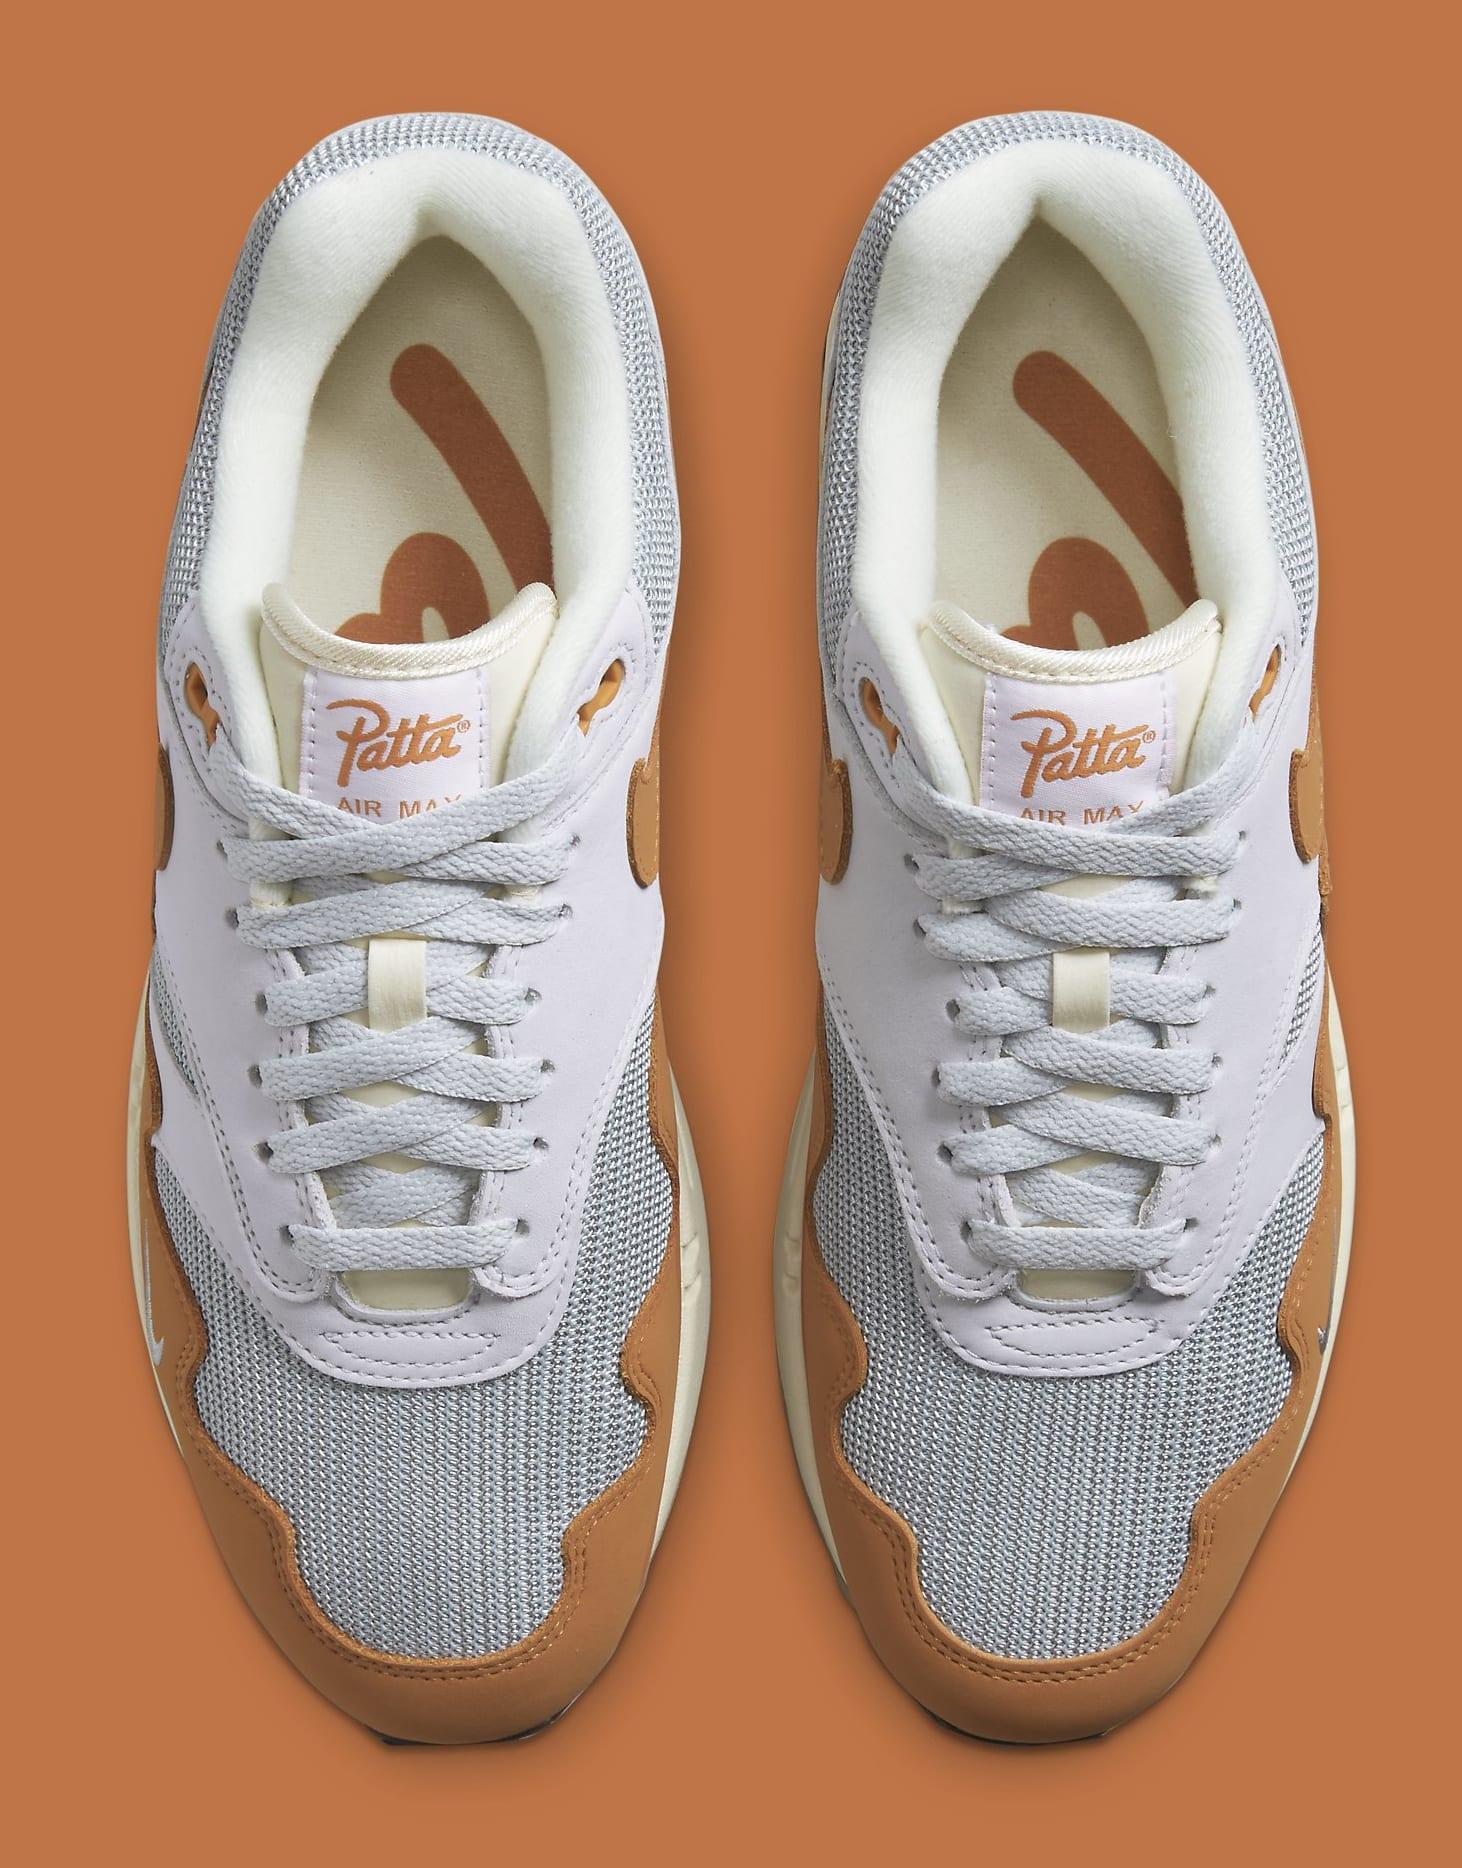 Patta x Nike Air Max 1 'Monarch' DH1348-001 Top